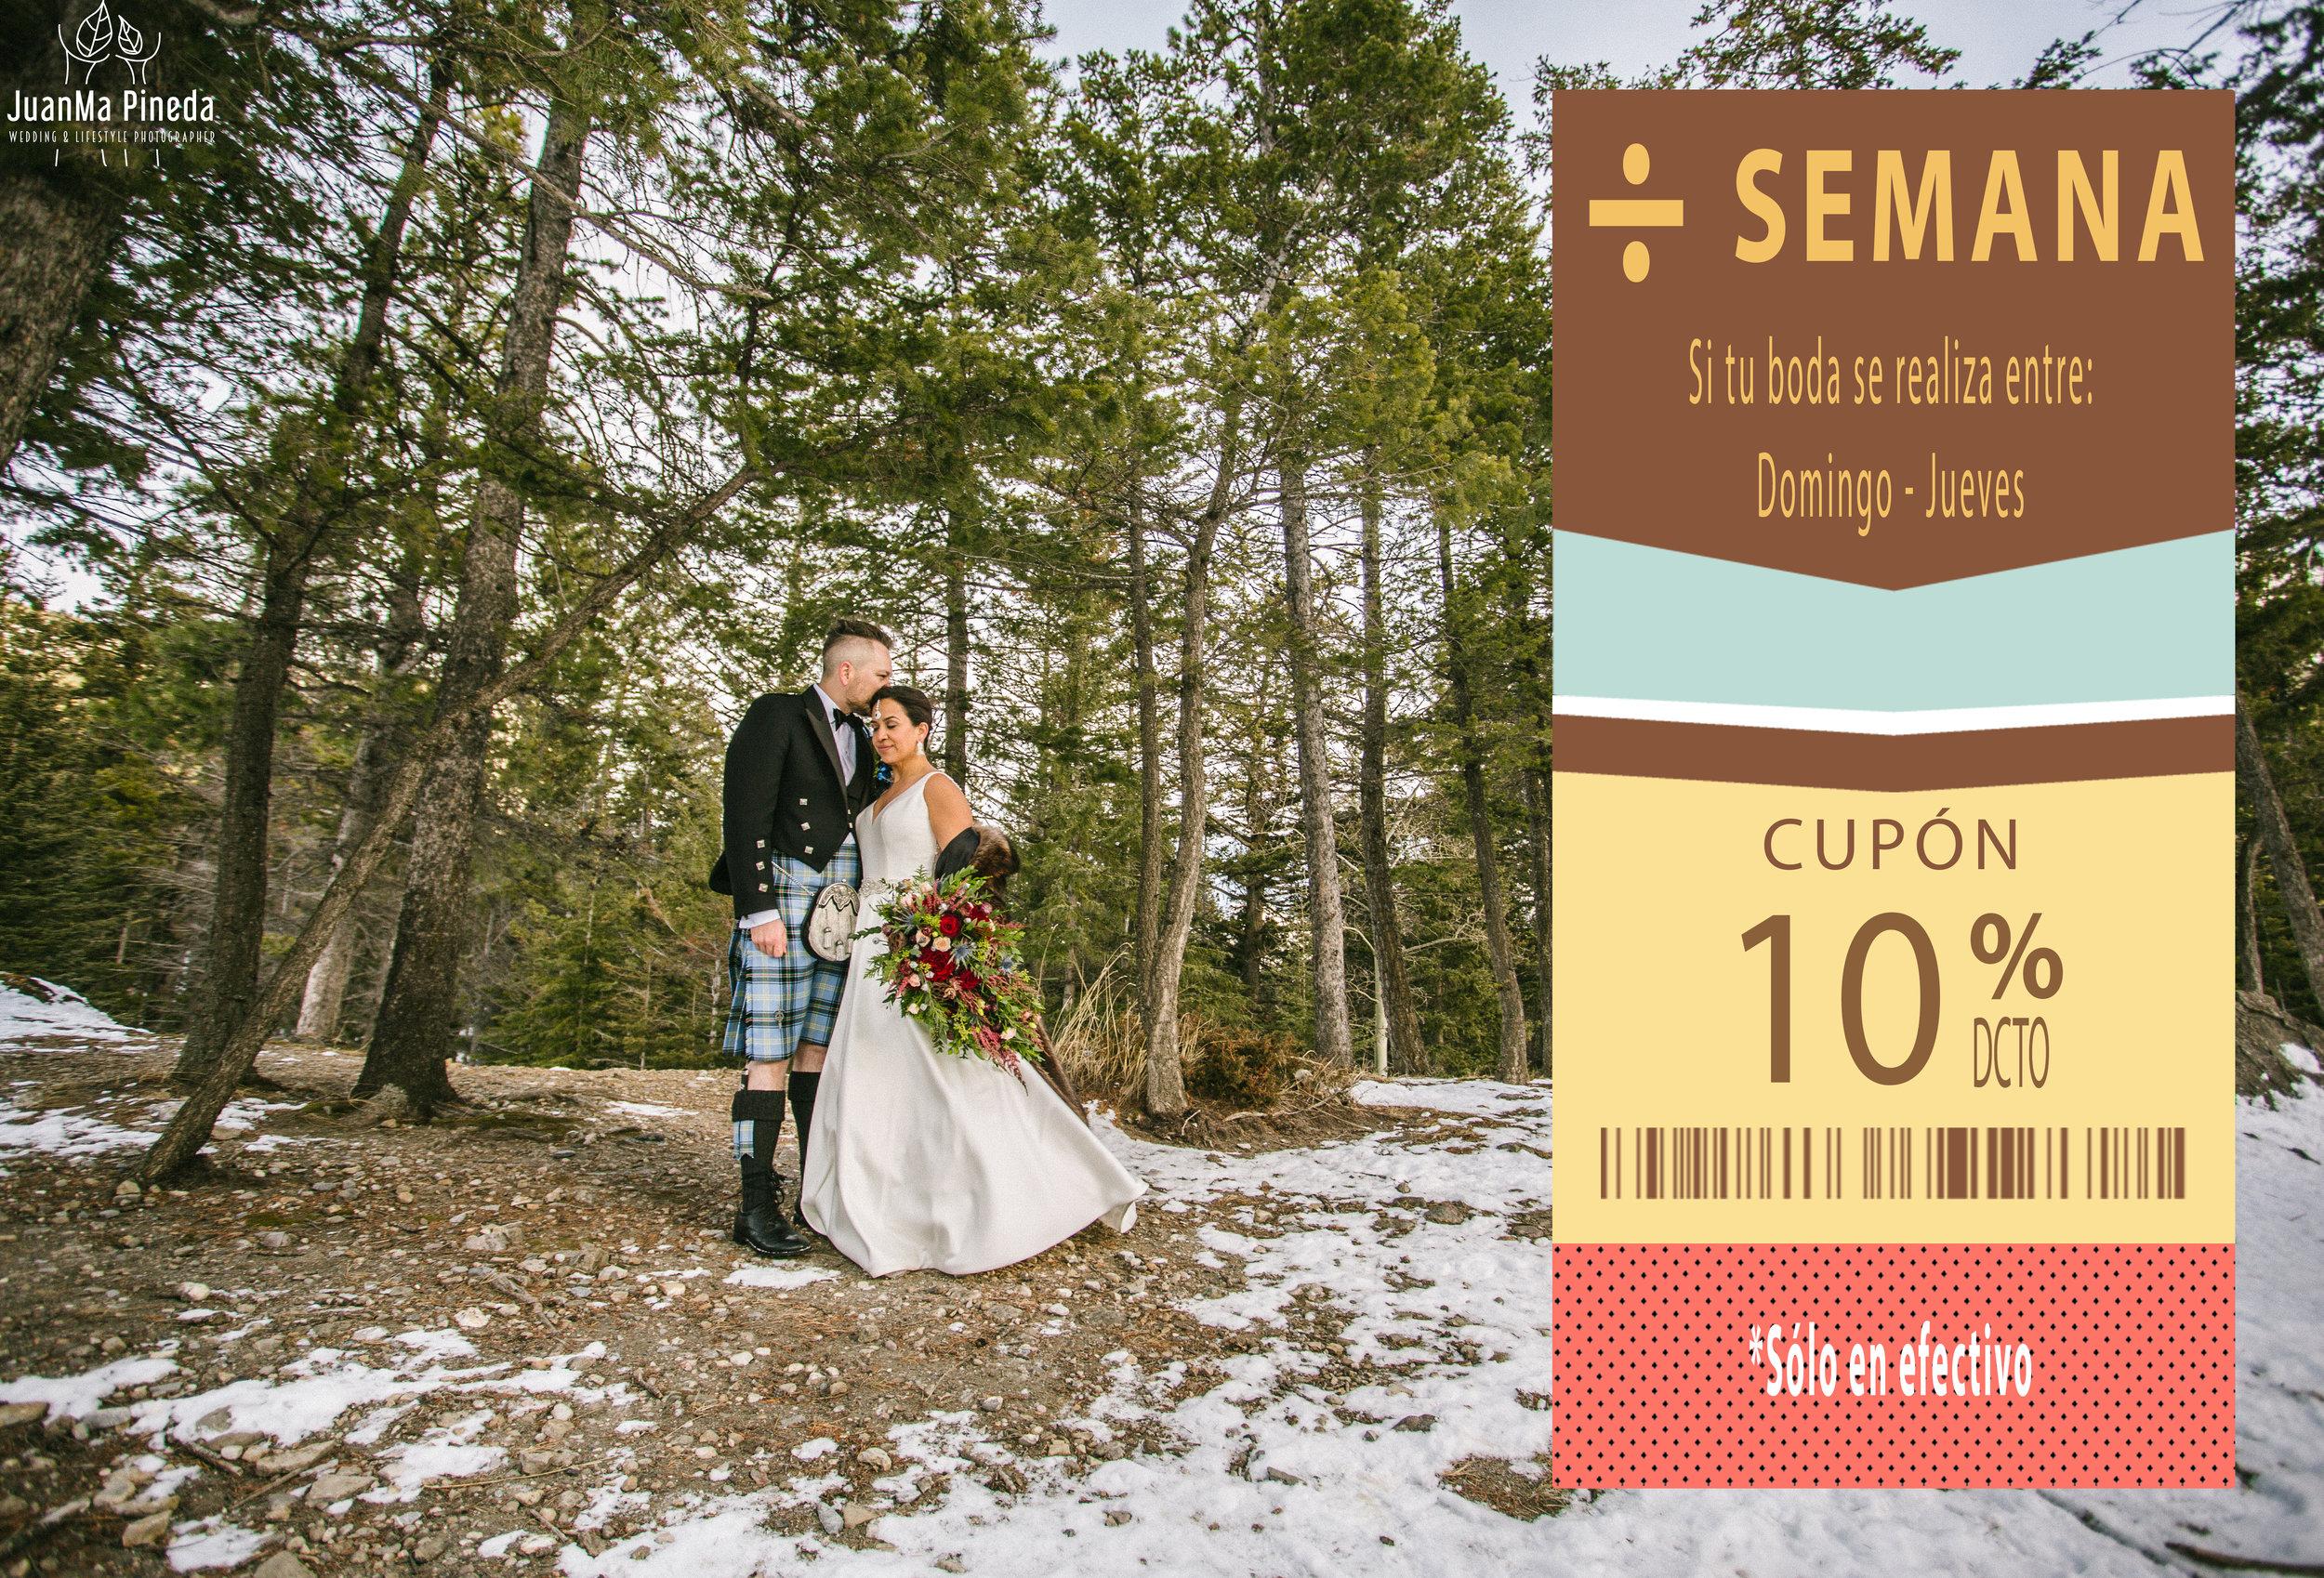 10%DESCUENTO ÷ SEMANA - Si tu boda se realiza entre domingo-jueves obtienes un -10% de descuento (Pagos sólo en efectivo). Cupón disponible en formato PDF. Imprímelo o descárgalo, y preséntalo al momento de contratar para disfrutar de este beneficio.